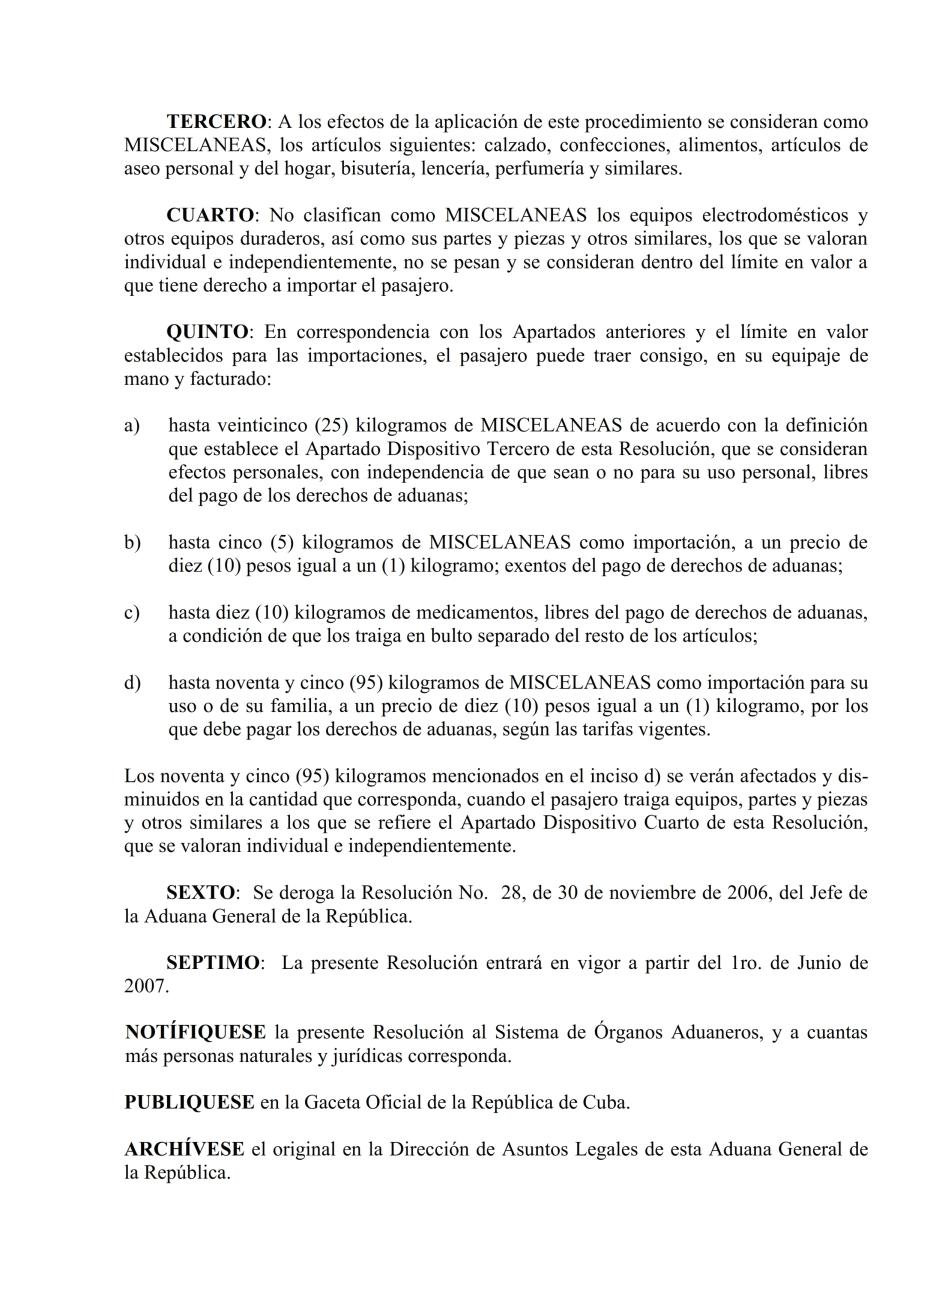 ADUANA-GENERAL-DE-LA-REPUBLICA-RESOLUCION-NO-112007_002